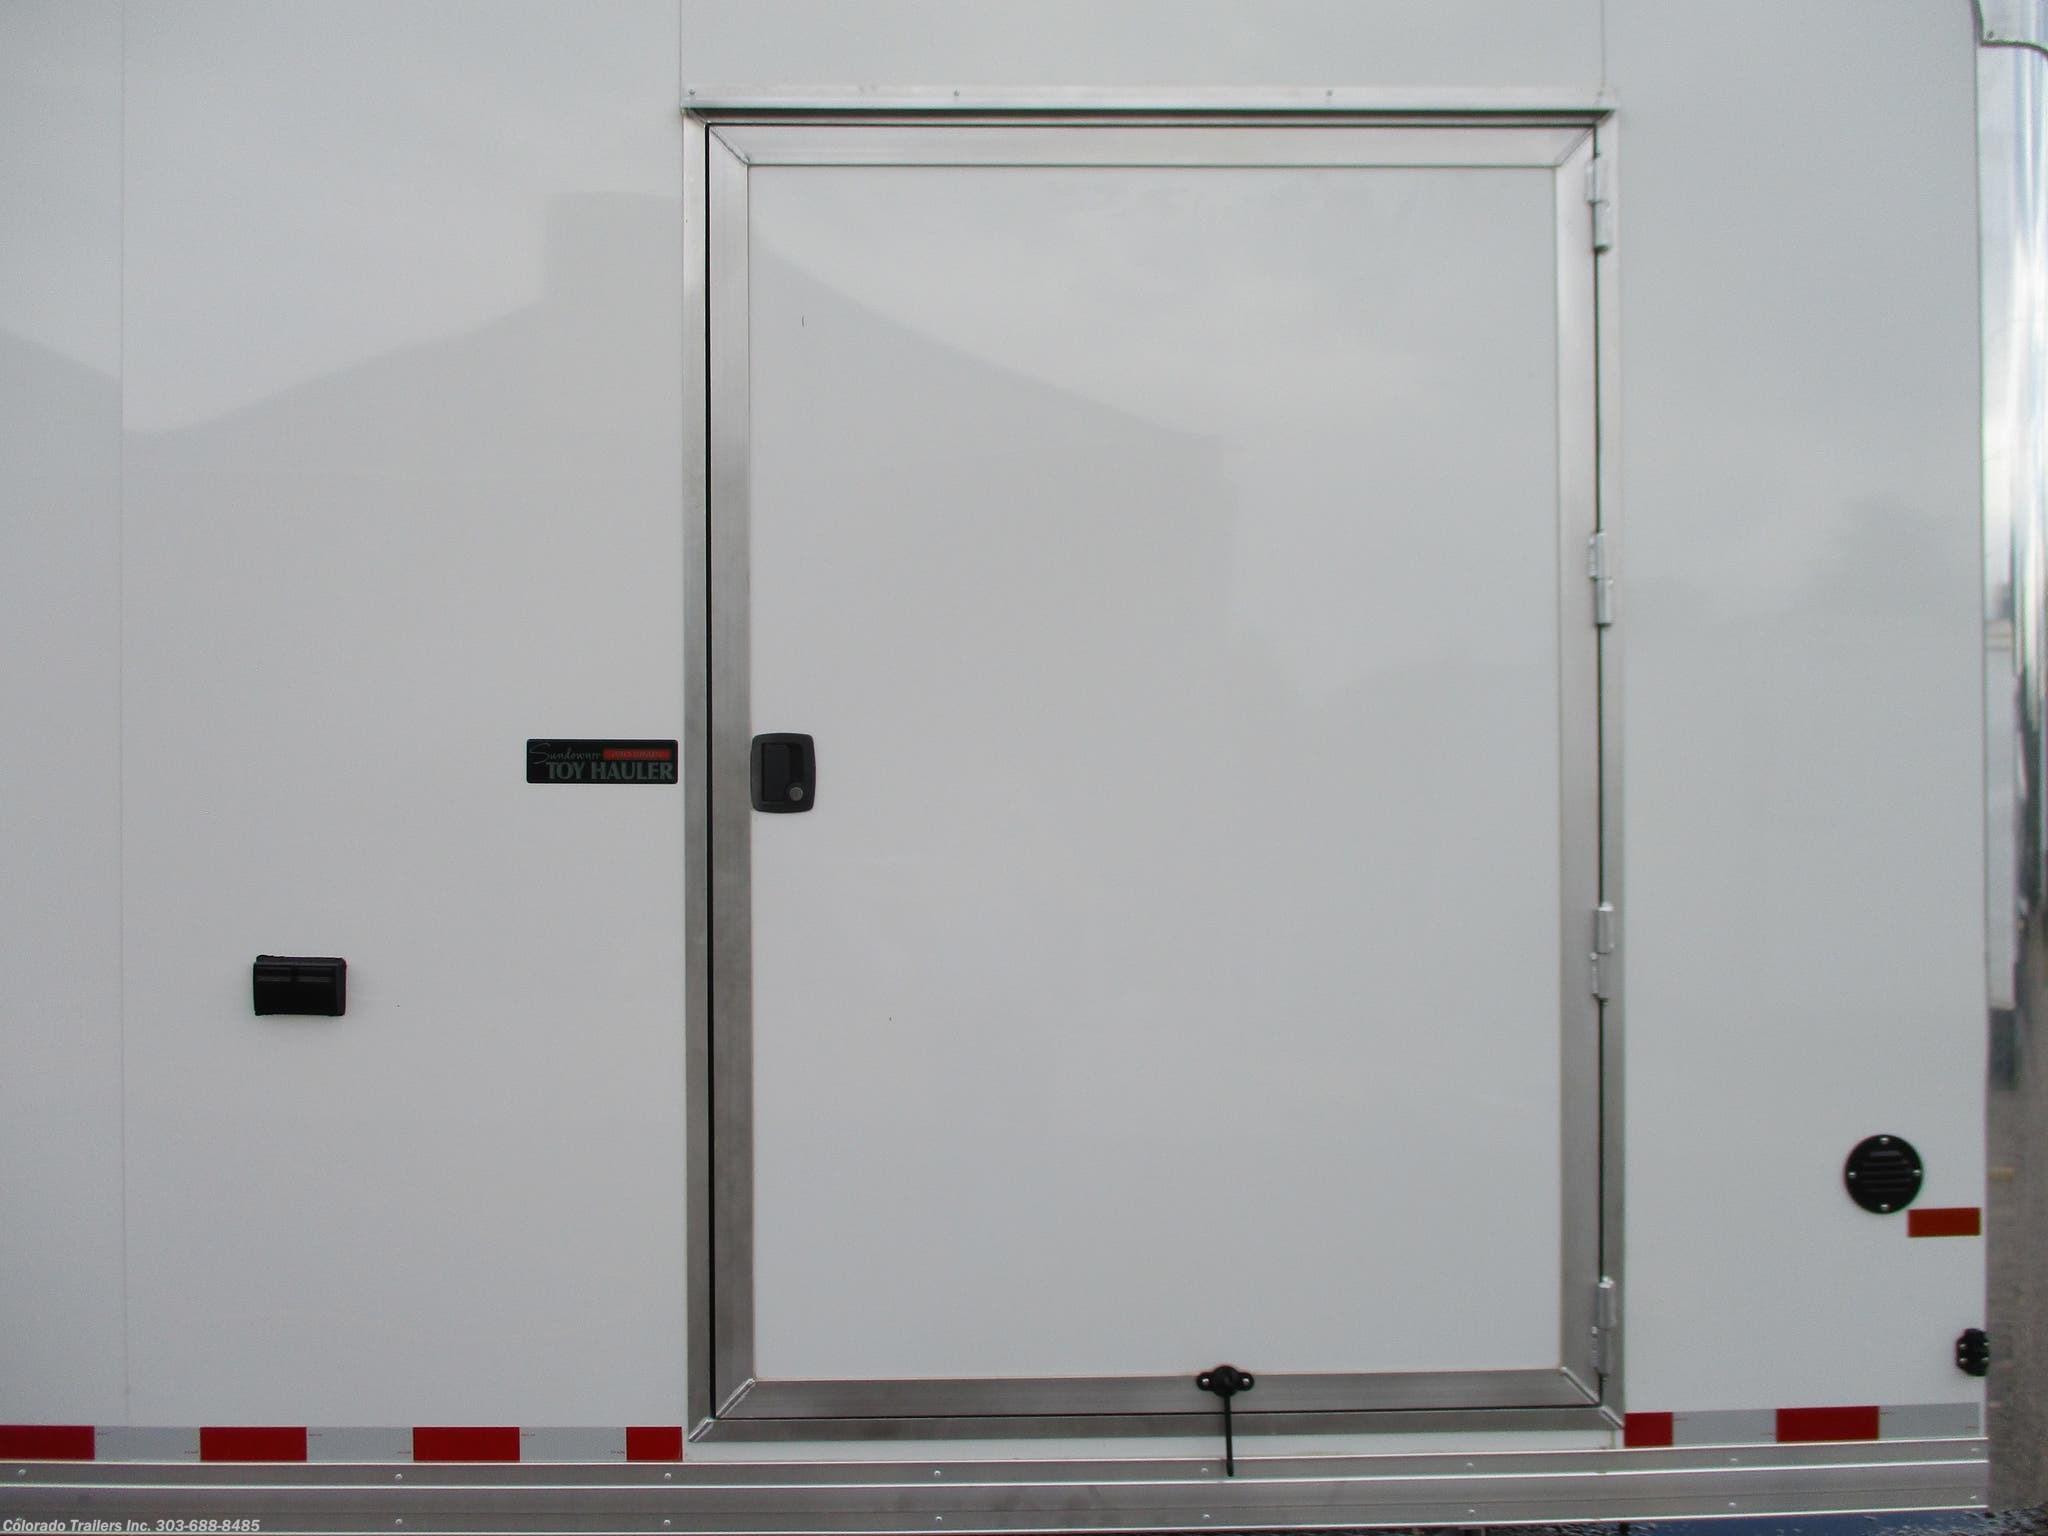 14643 2019 Sundowner Cargo 85x32 Aluminum Cargo Trailer With Full